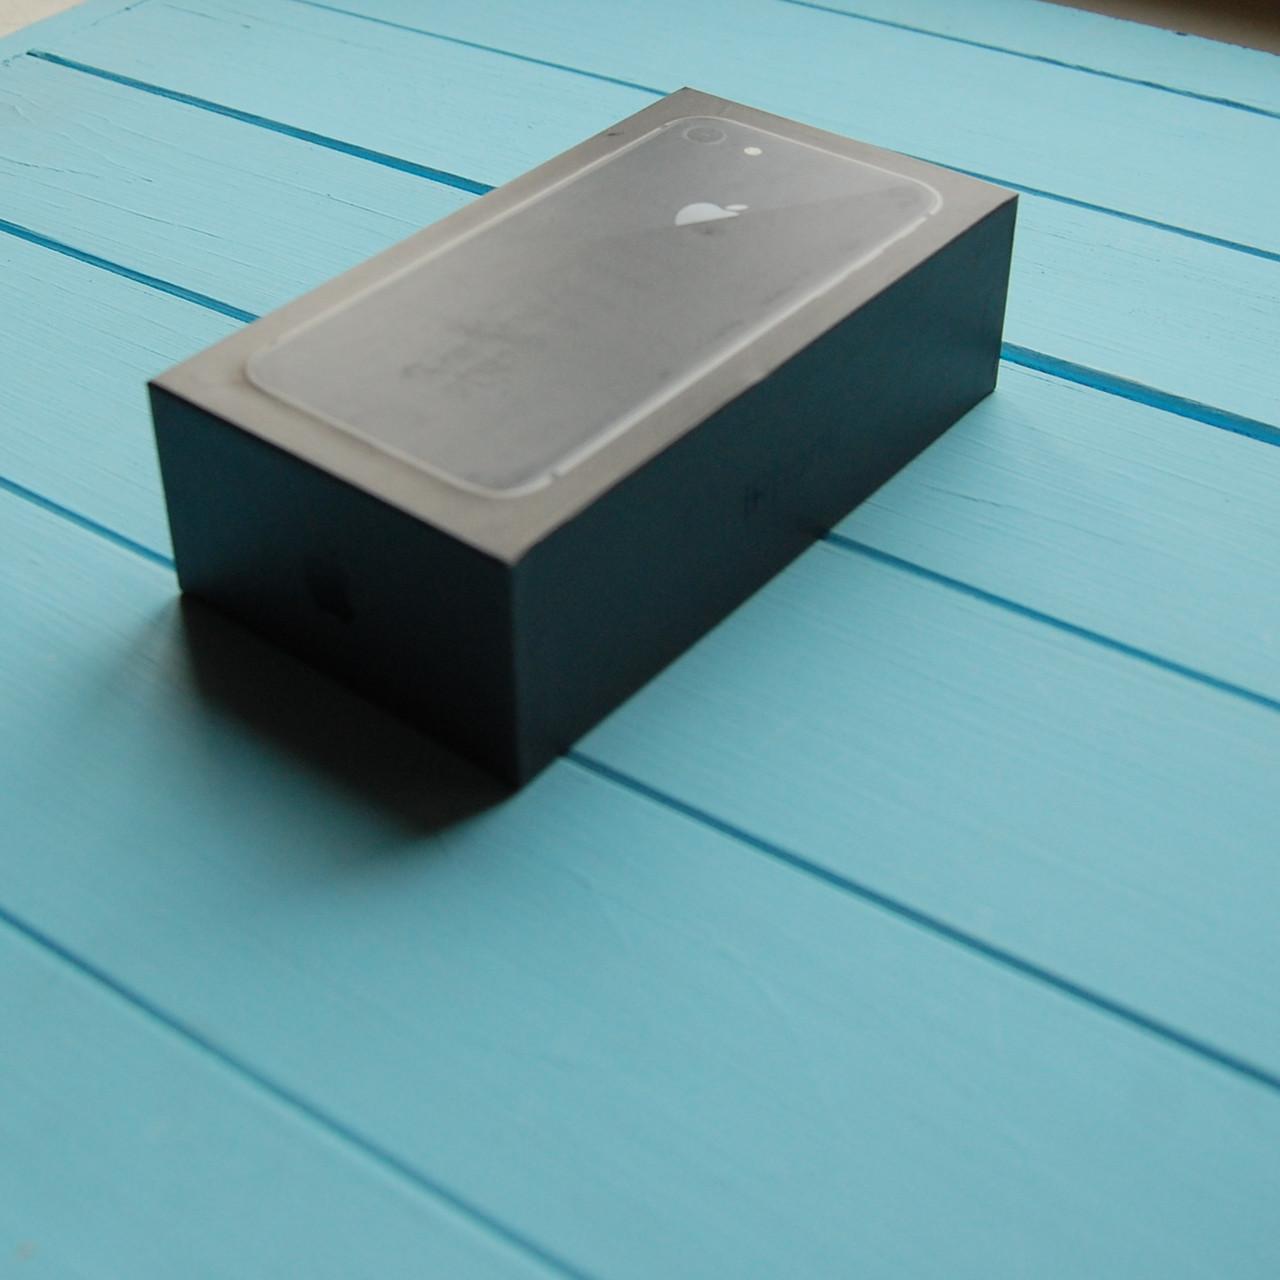 Коробка Apple iPhone 8 Space Gray